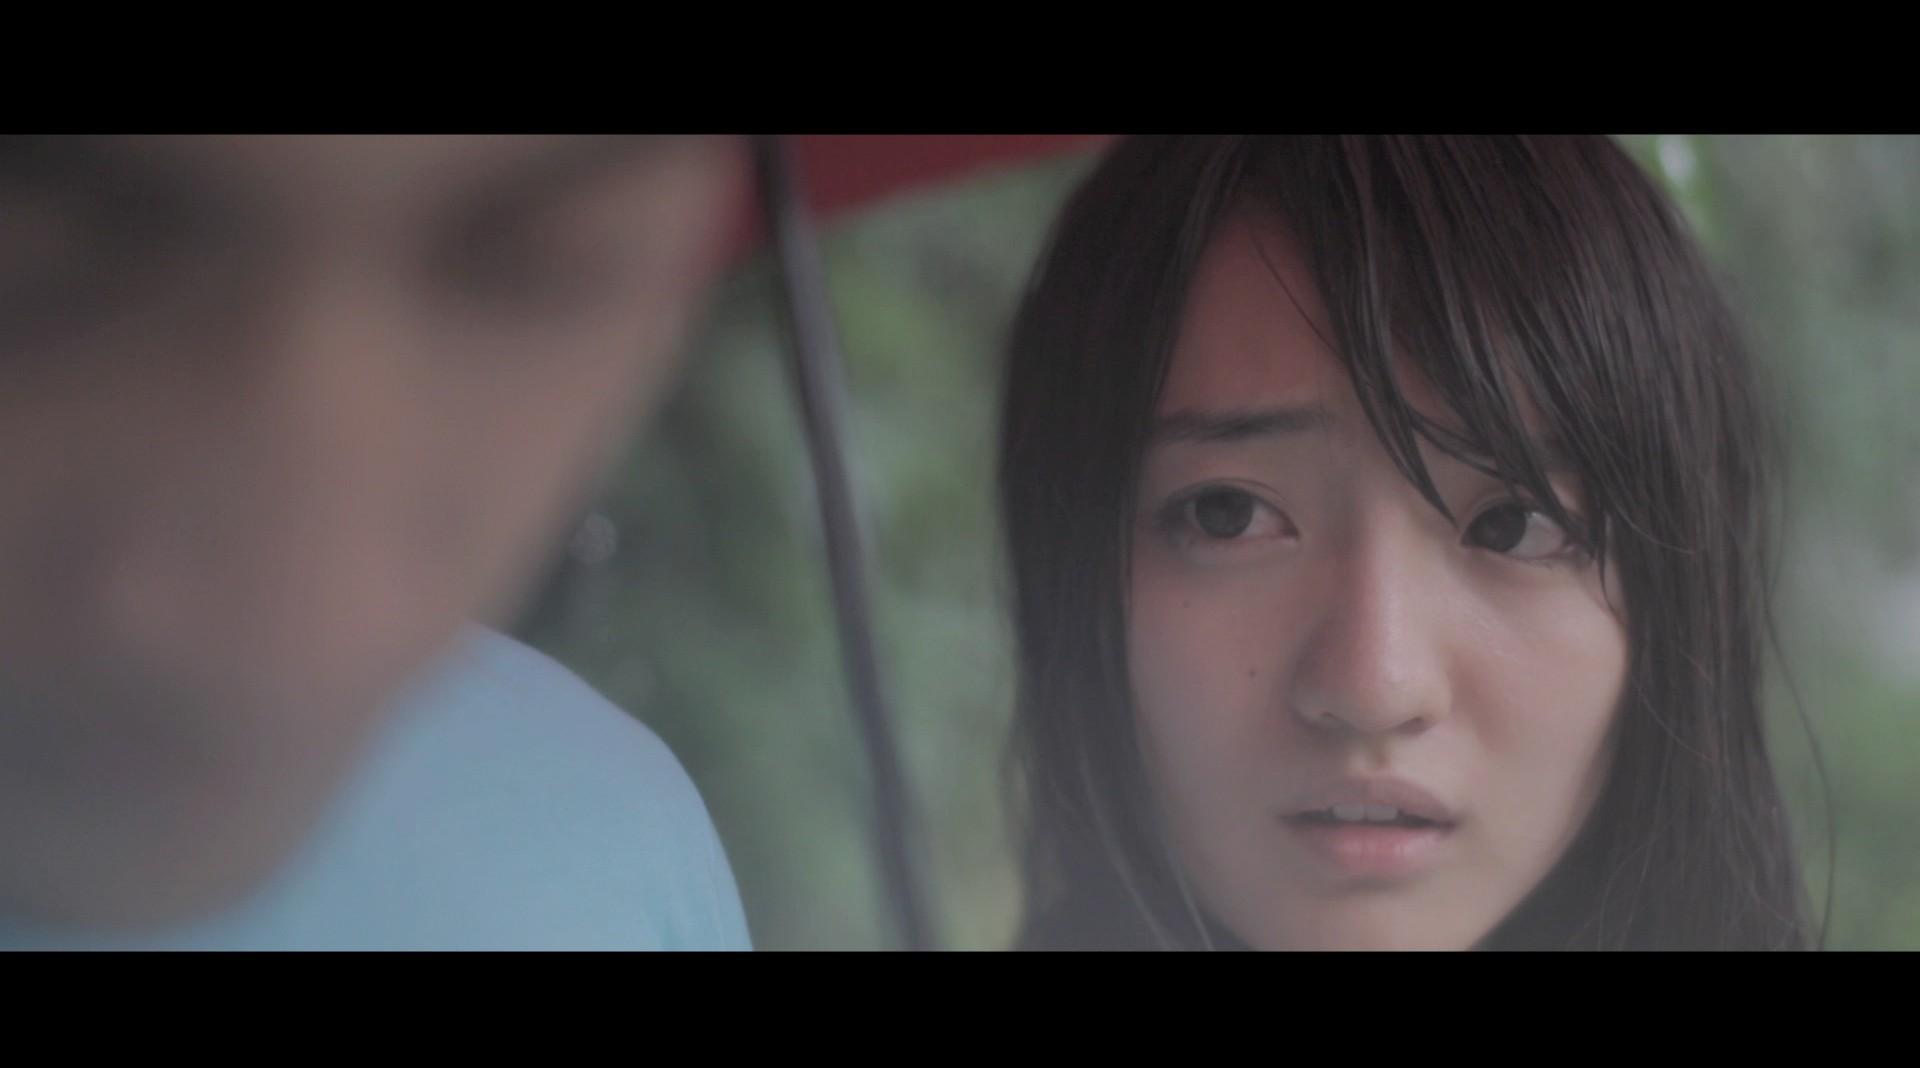 毕业季爱情微电影《一切从分手开始》